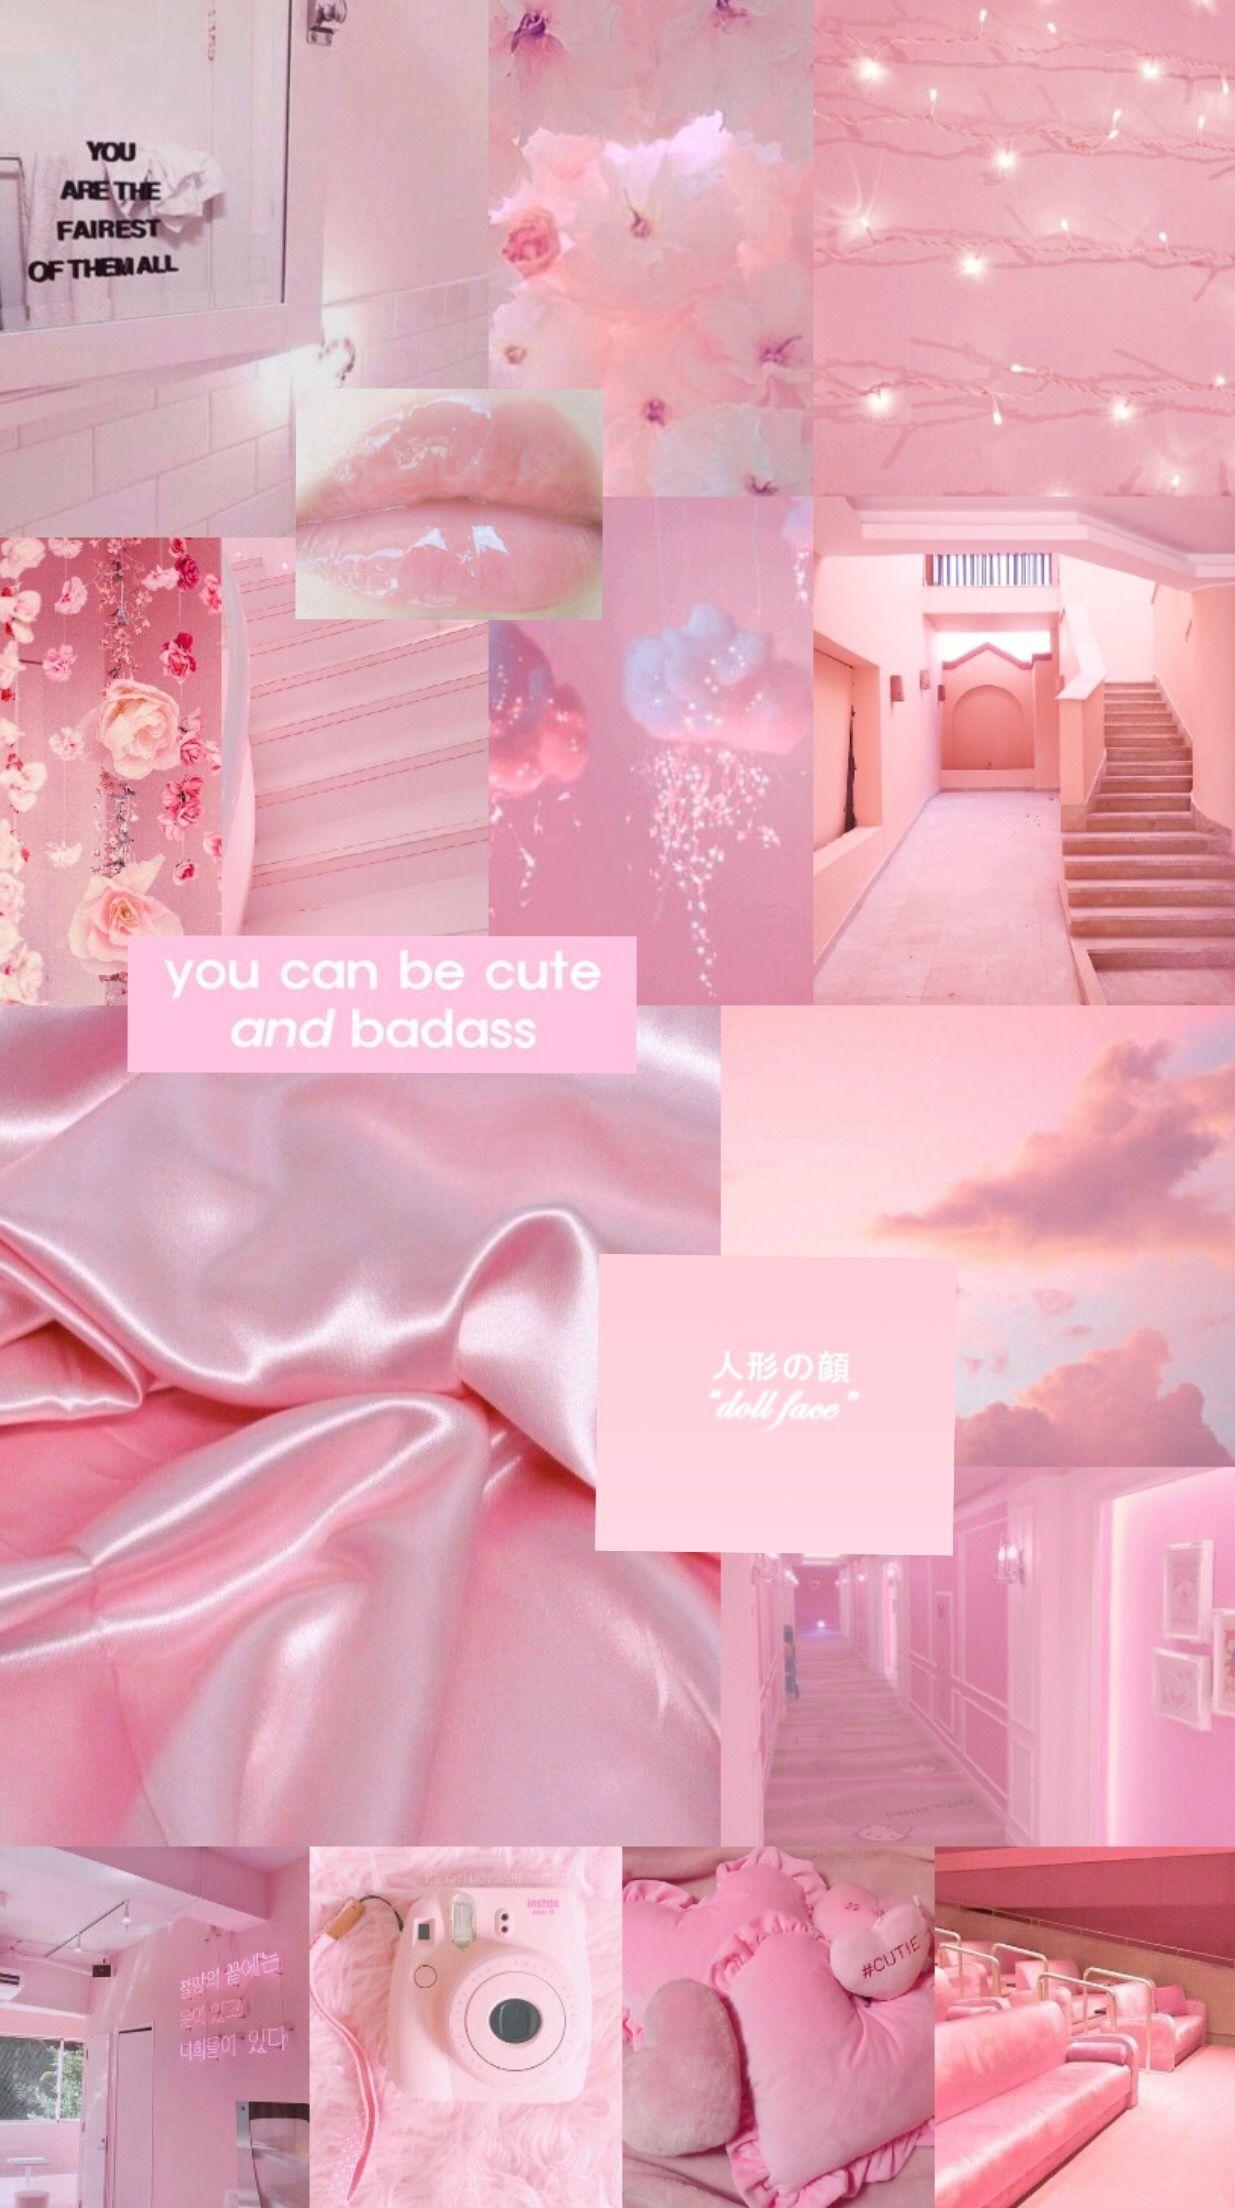 Pink Wallpaper Pink Pinkwallpaper Warna Koral Kertas